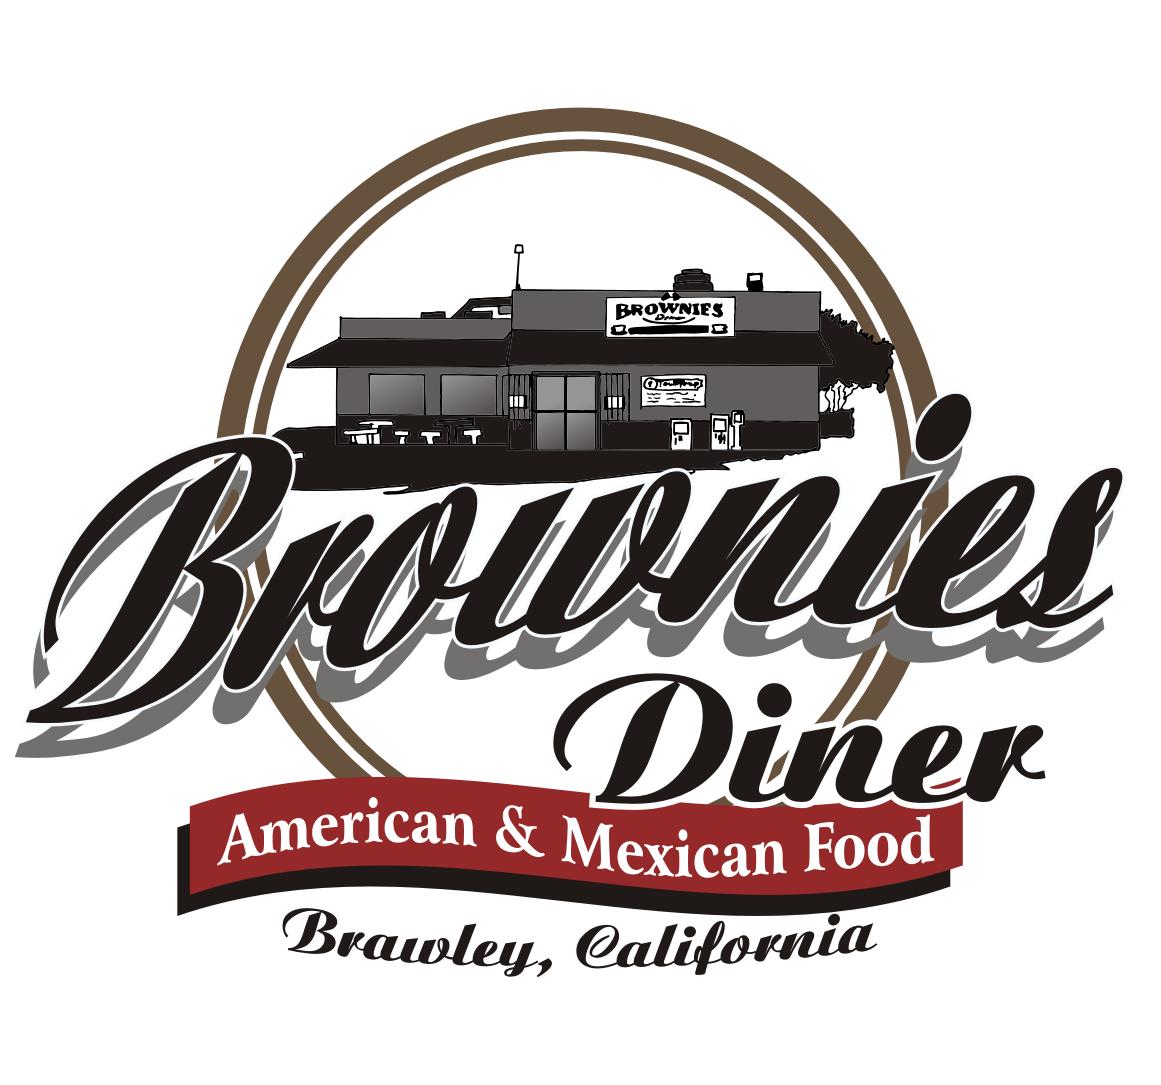 Brownie's Diner